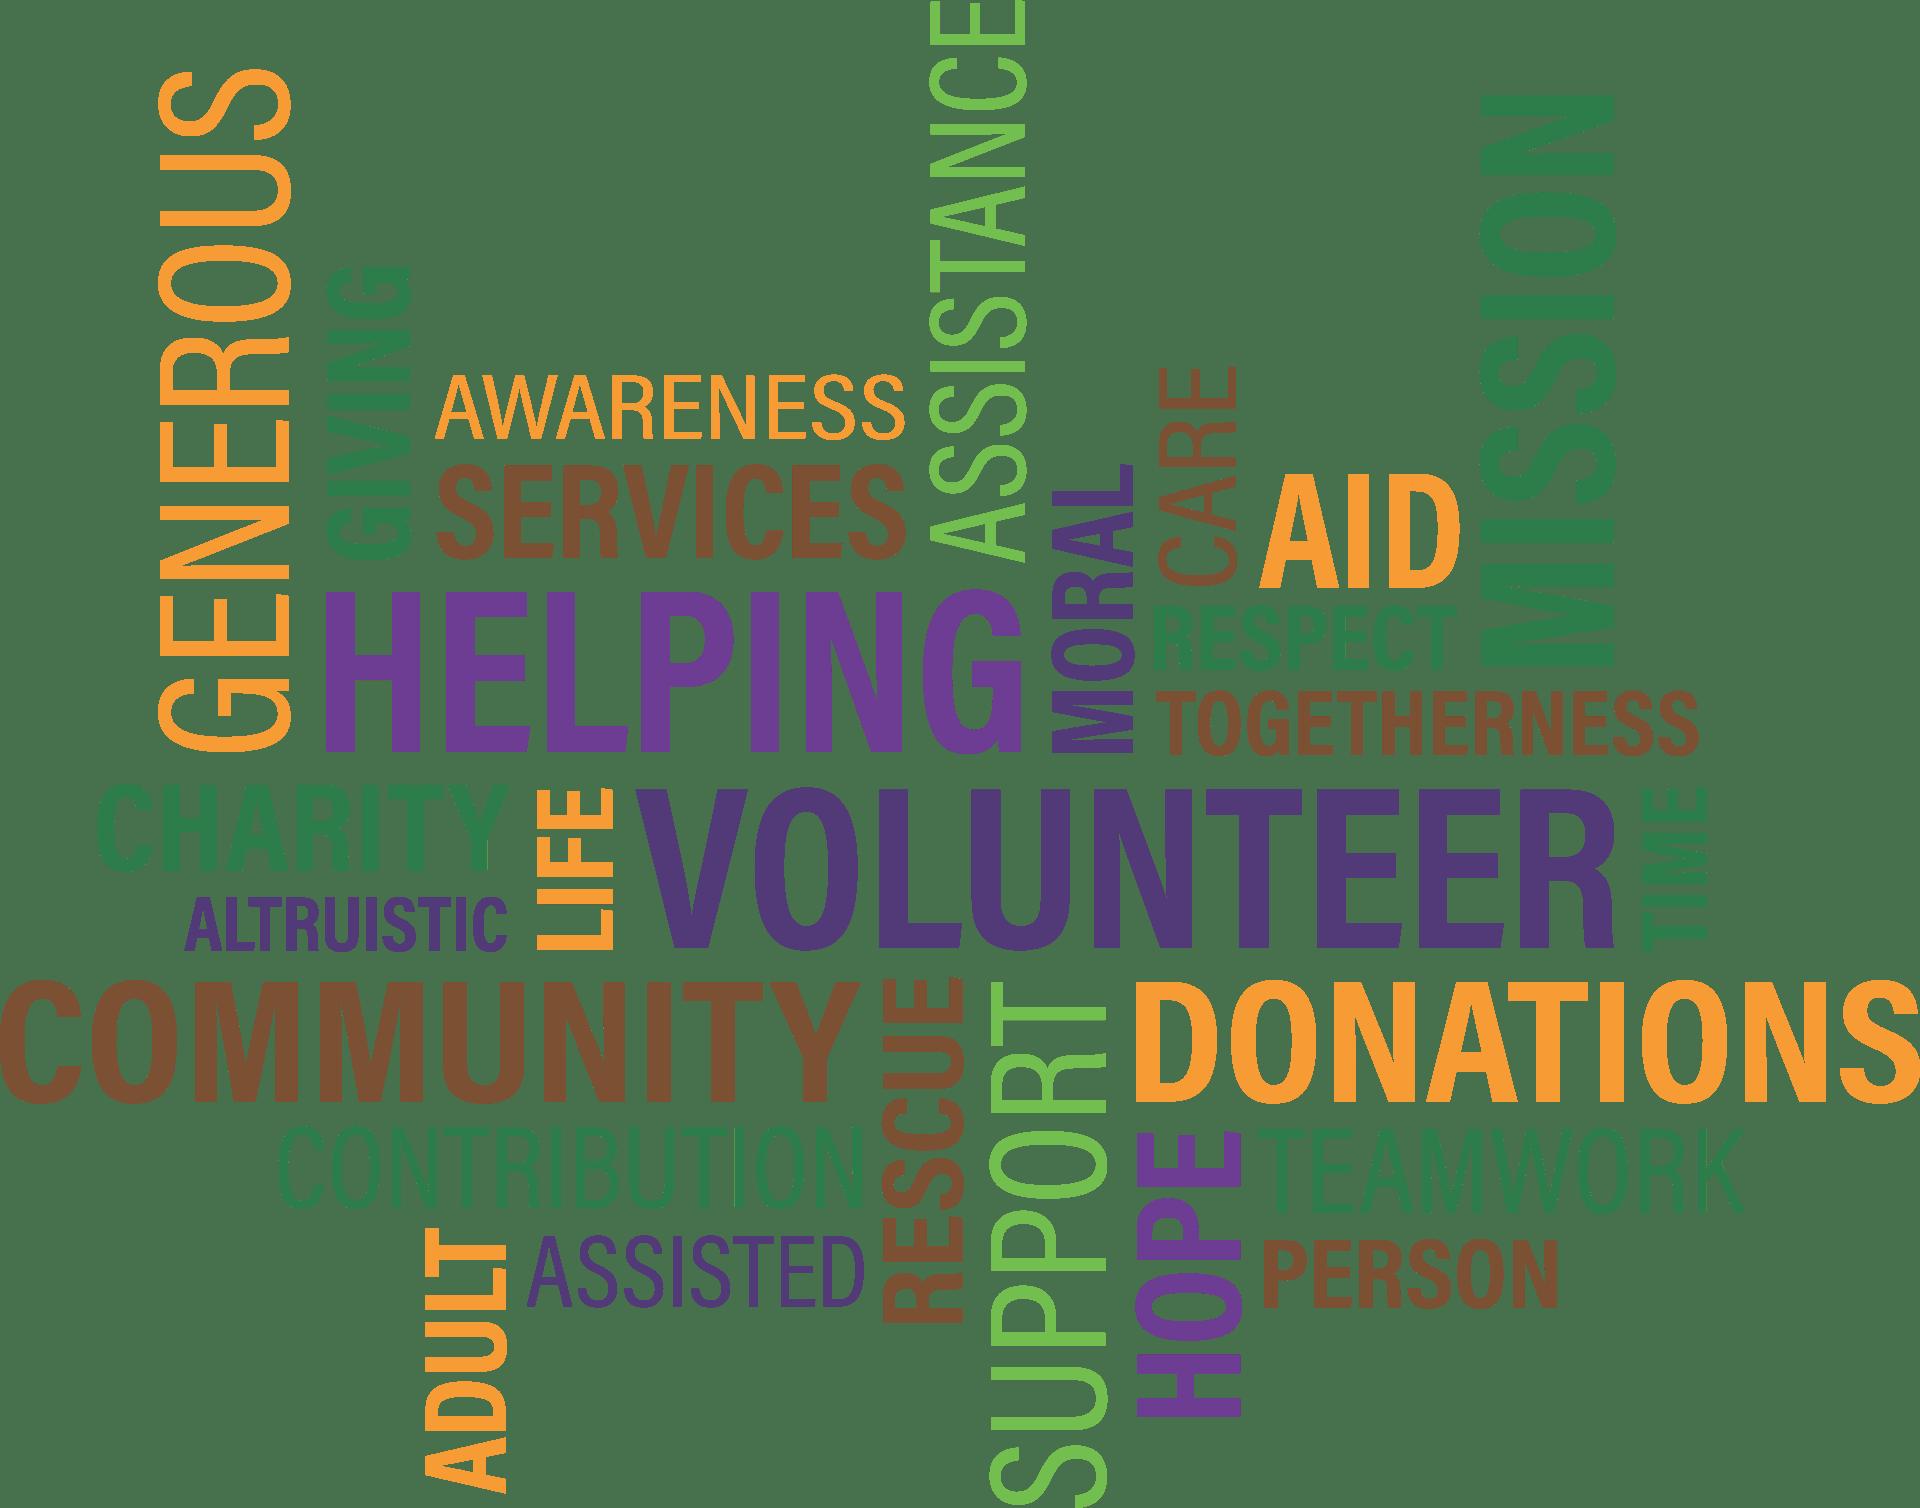 المنظمات غير الربحية